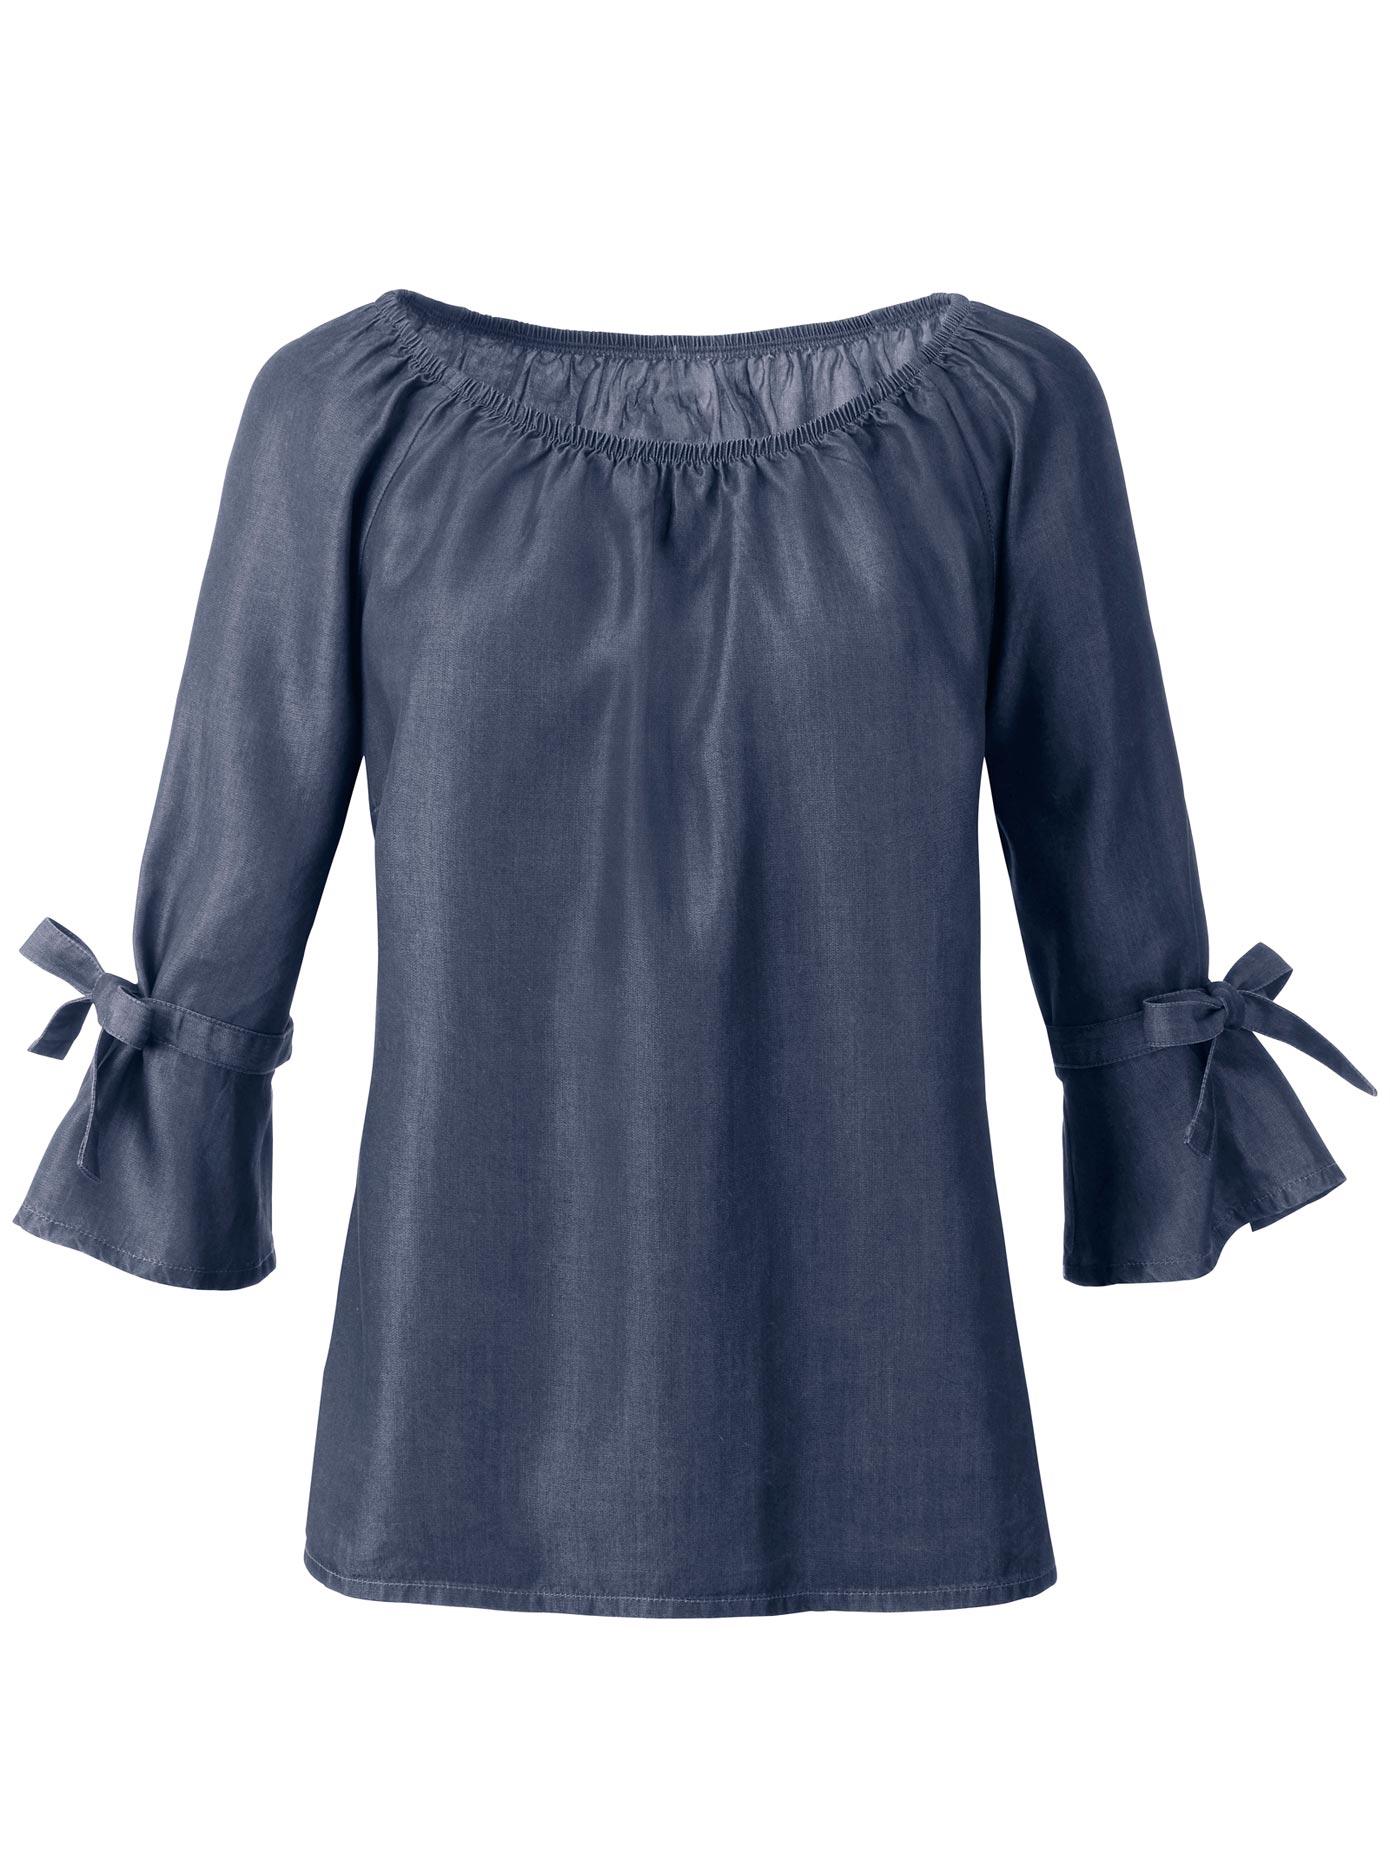 création L Bluse mit elastischem Gummizug im Ausschnitt